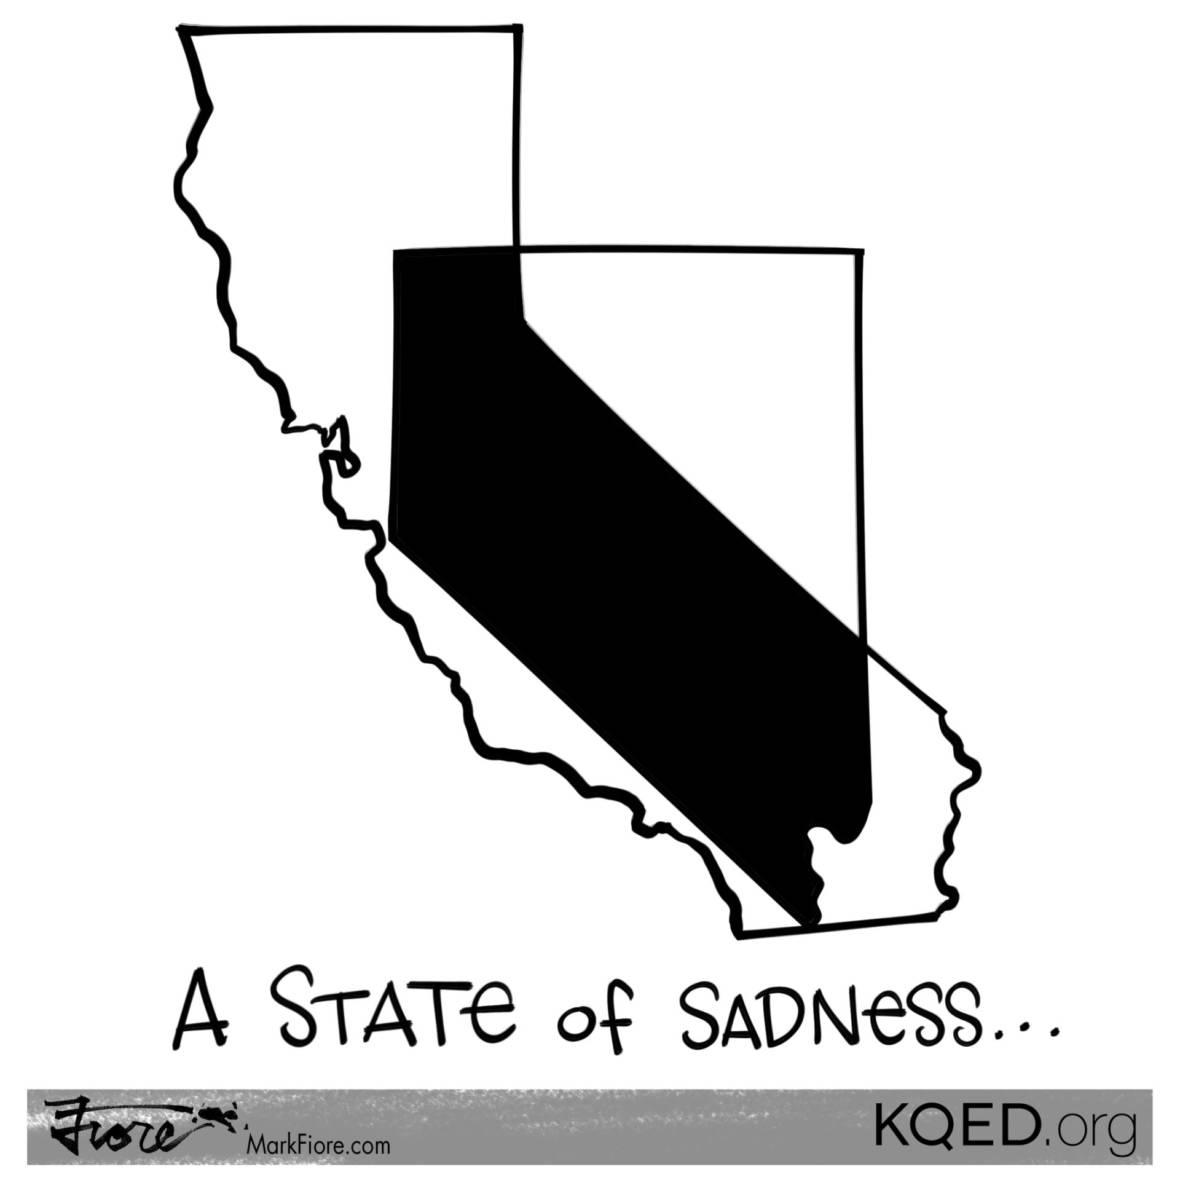 State of Sadness